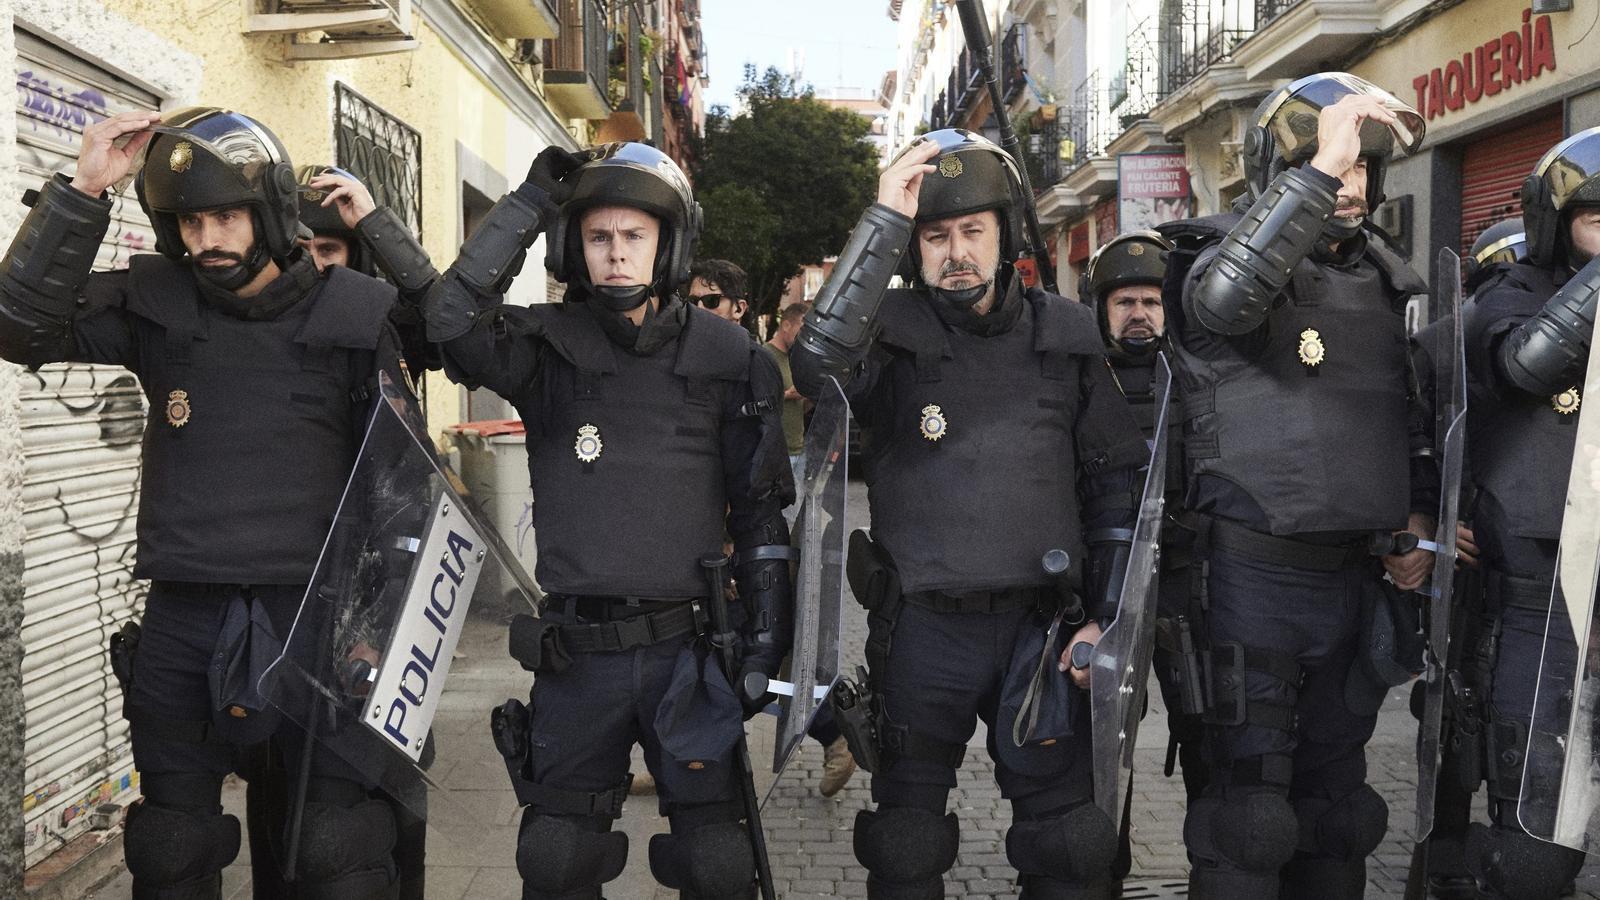 Els sindicats policials carreguen contra 'Antidisturbios' per mostrar els agents com a